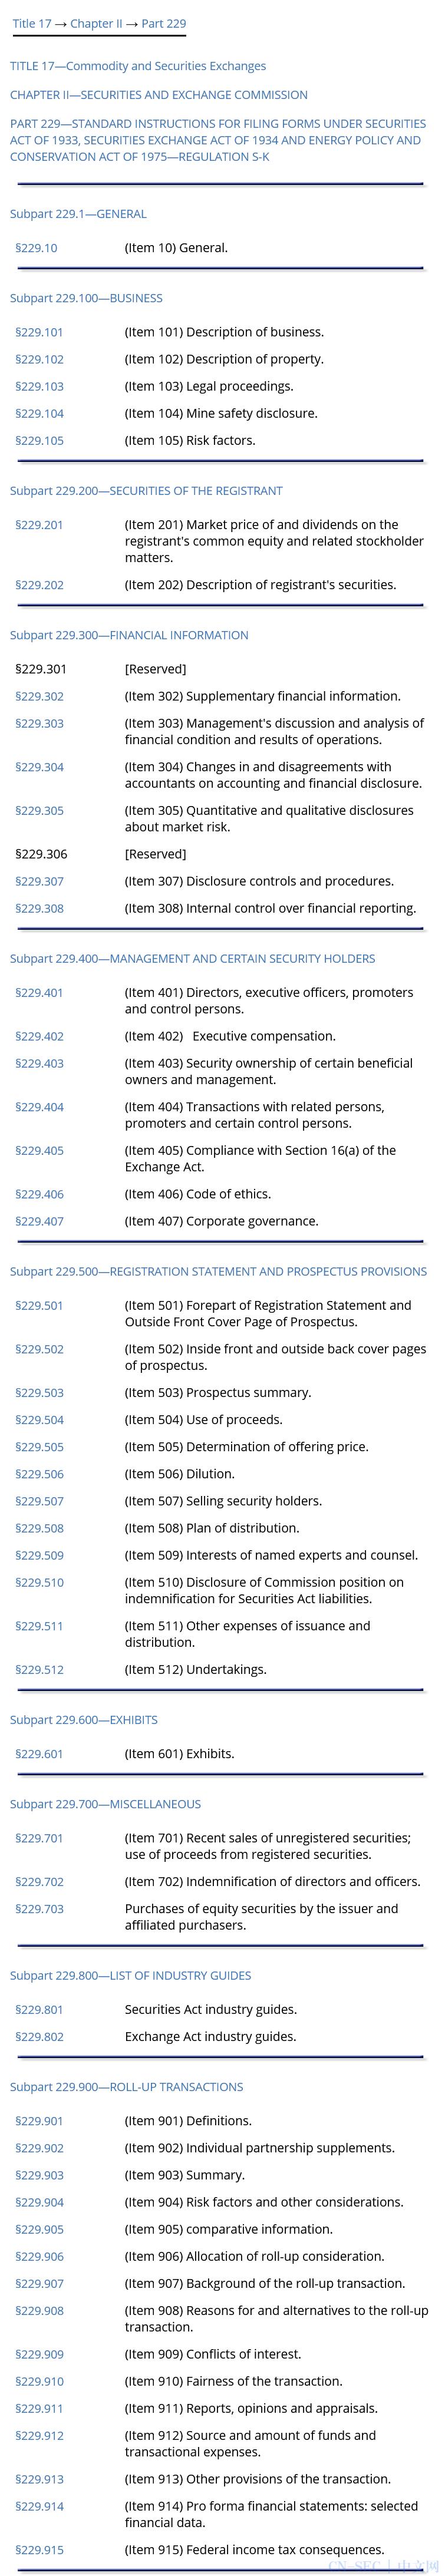 赴美上市与网络、数据安全   美国SEC关于非财务报告要求的概览